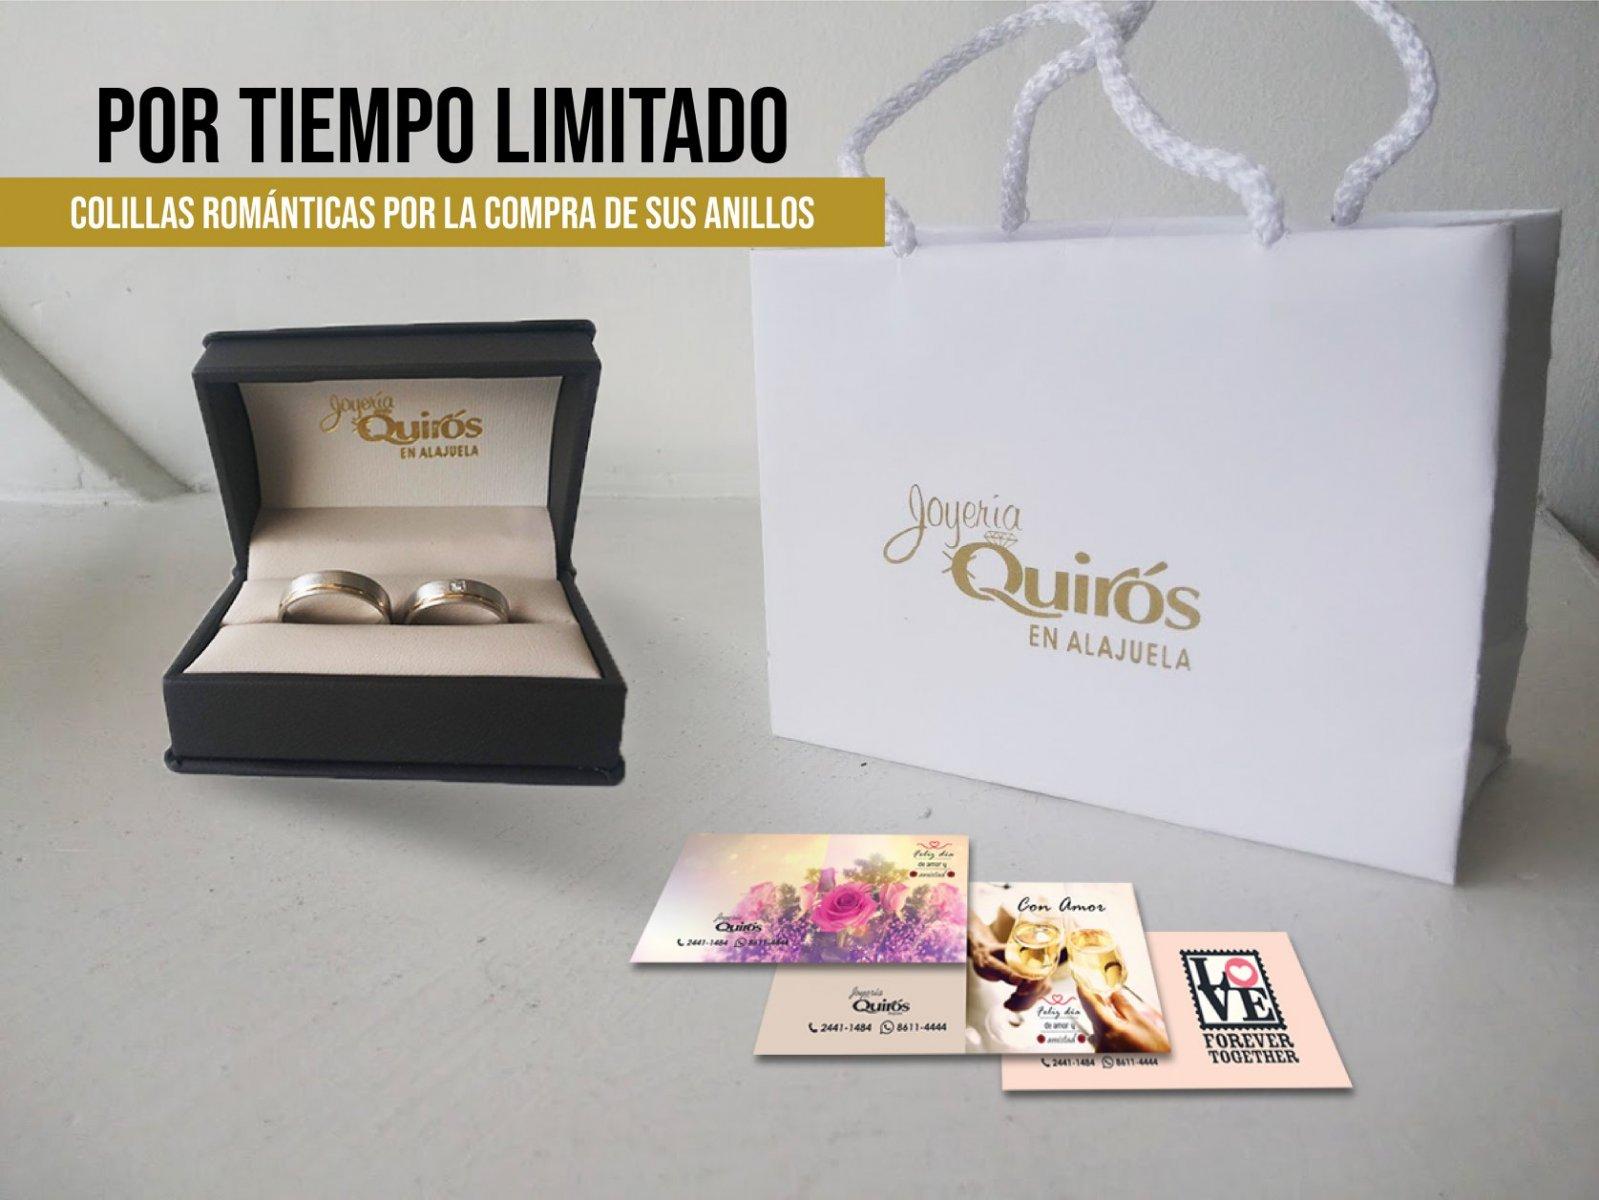 Amarillas-CR-Joyería-Quirós-Alajuela-6